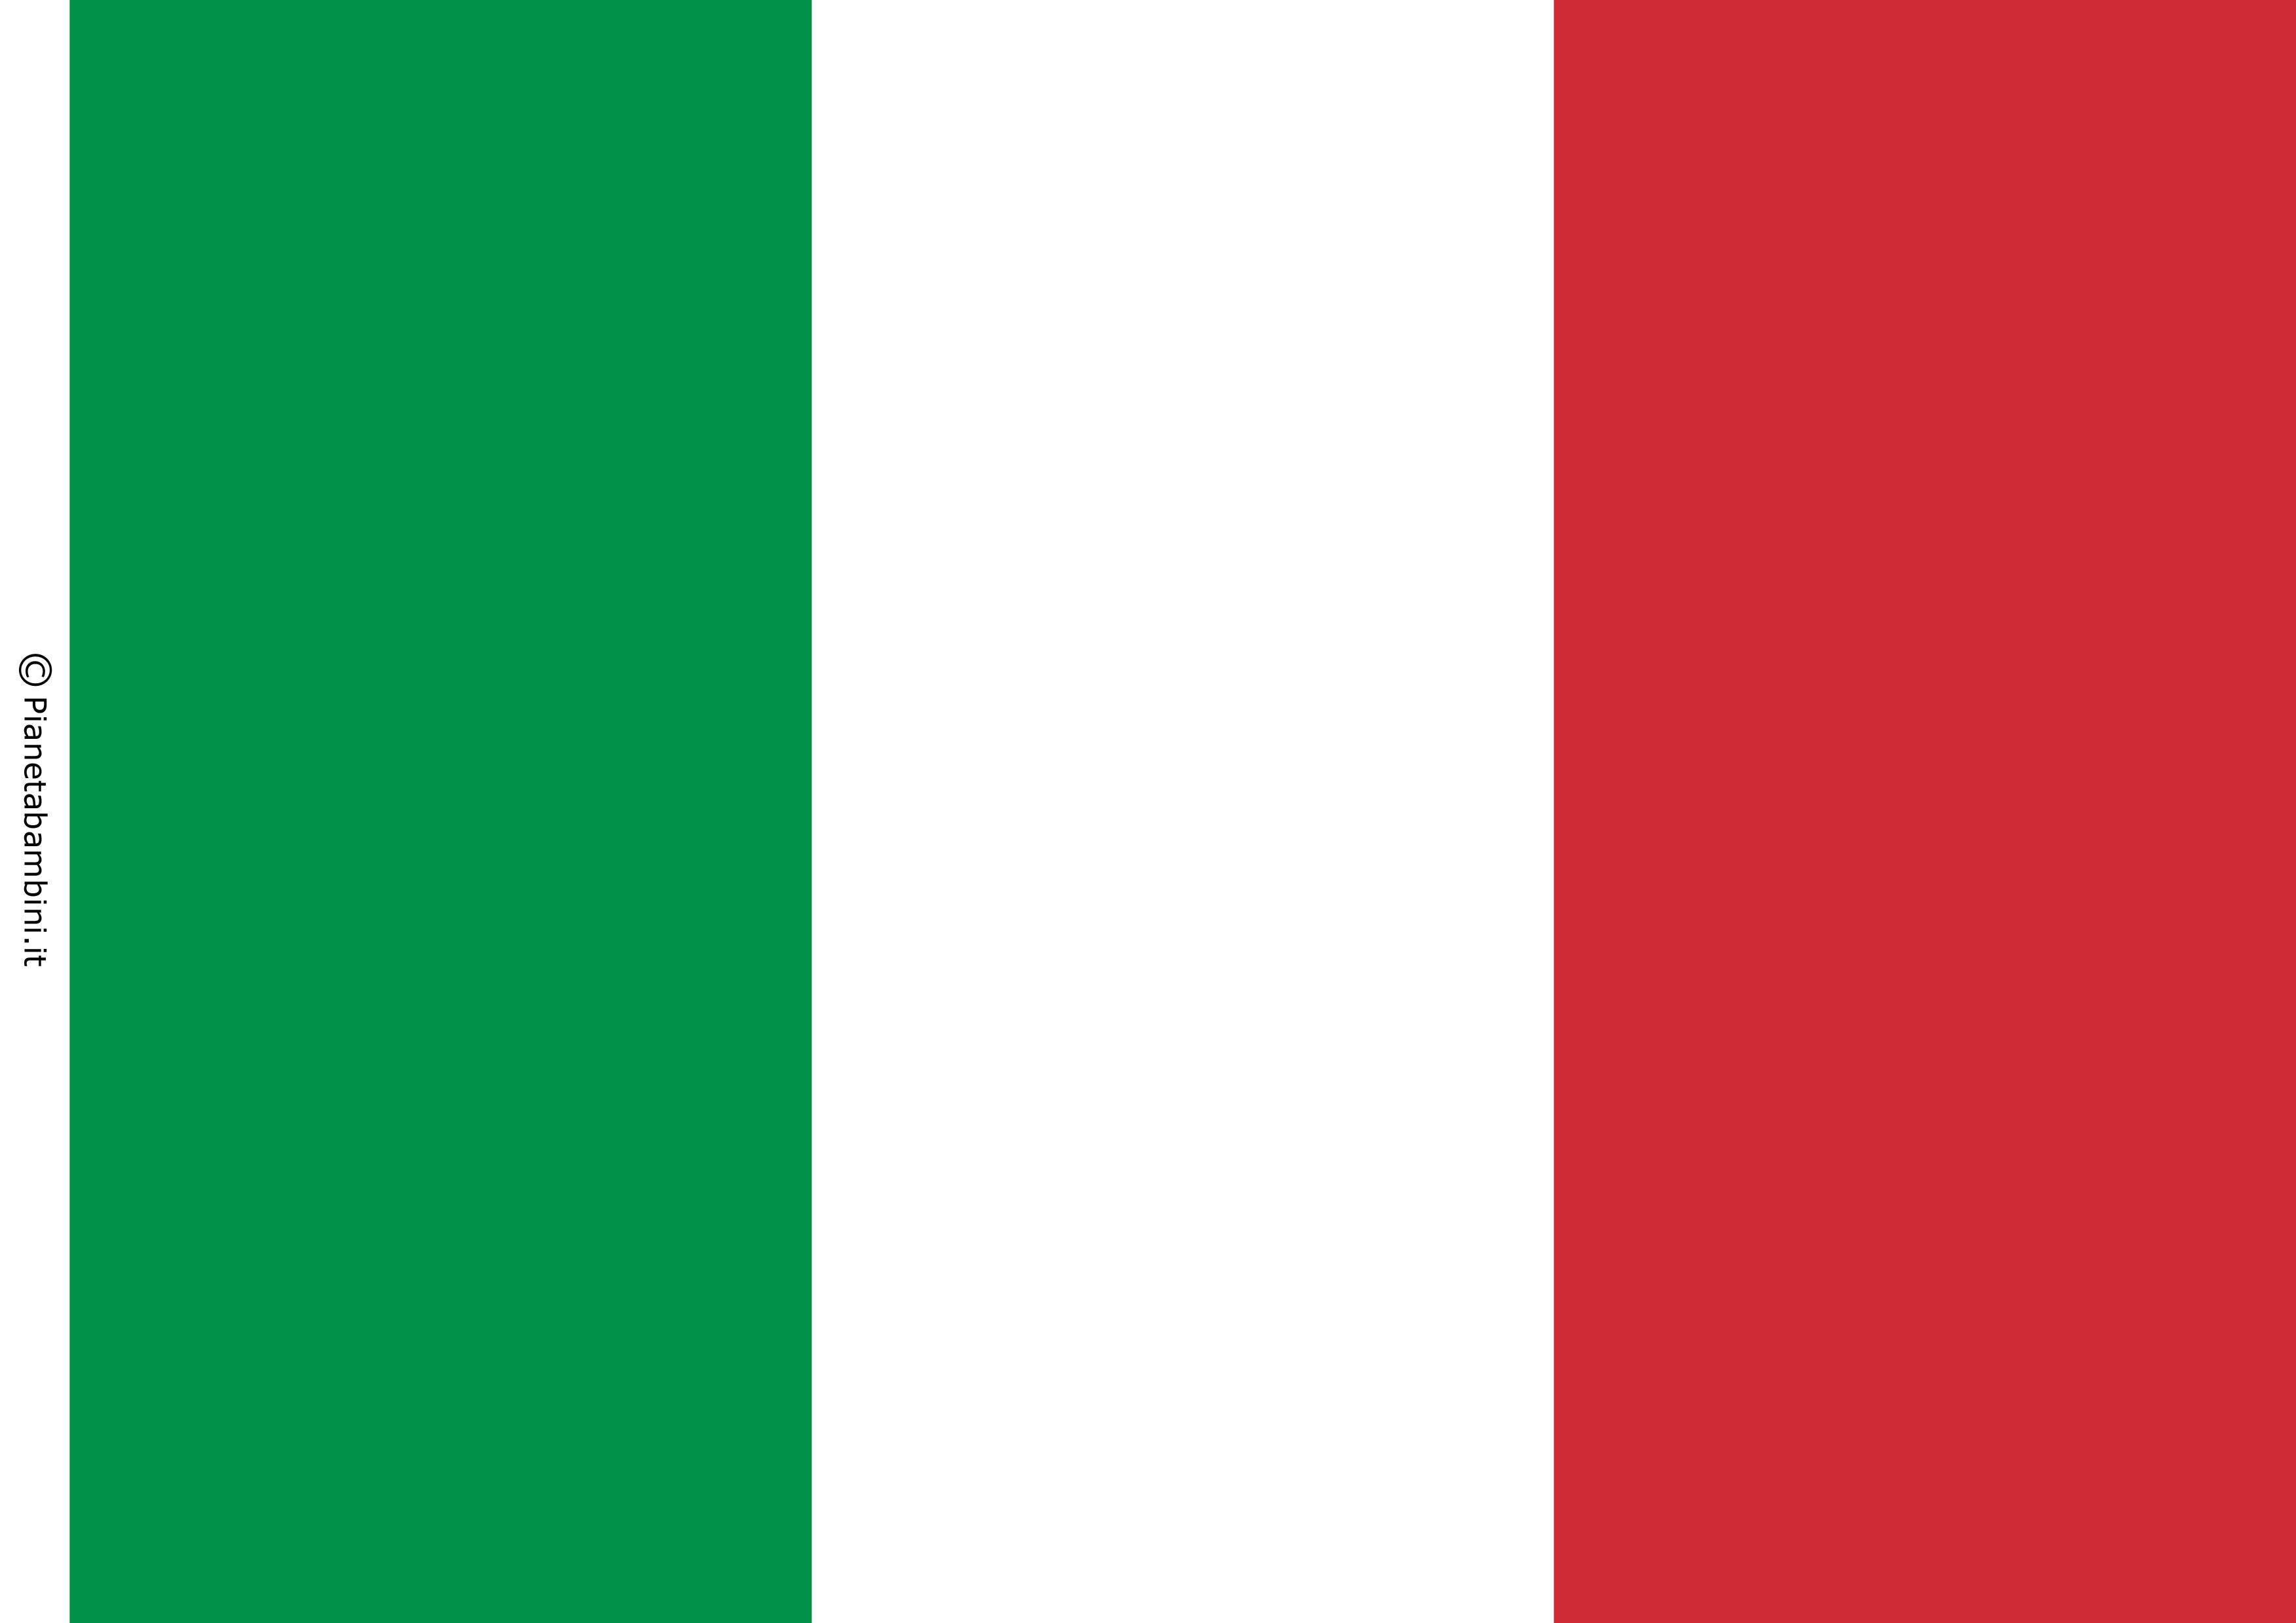 Bandiera Italiana Da Stampare E Ritagliare In Pi 249